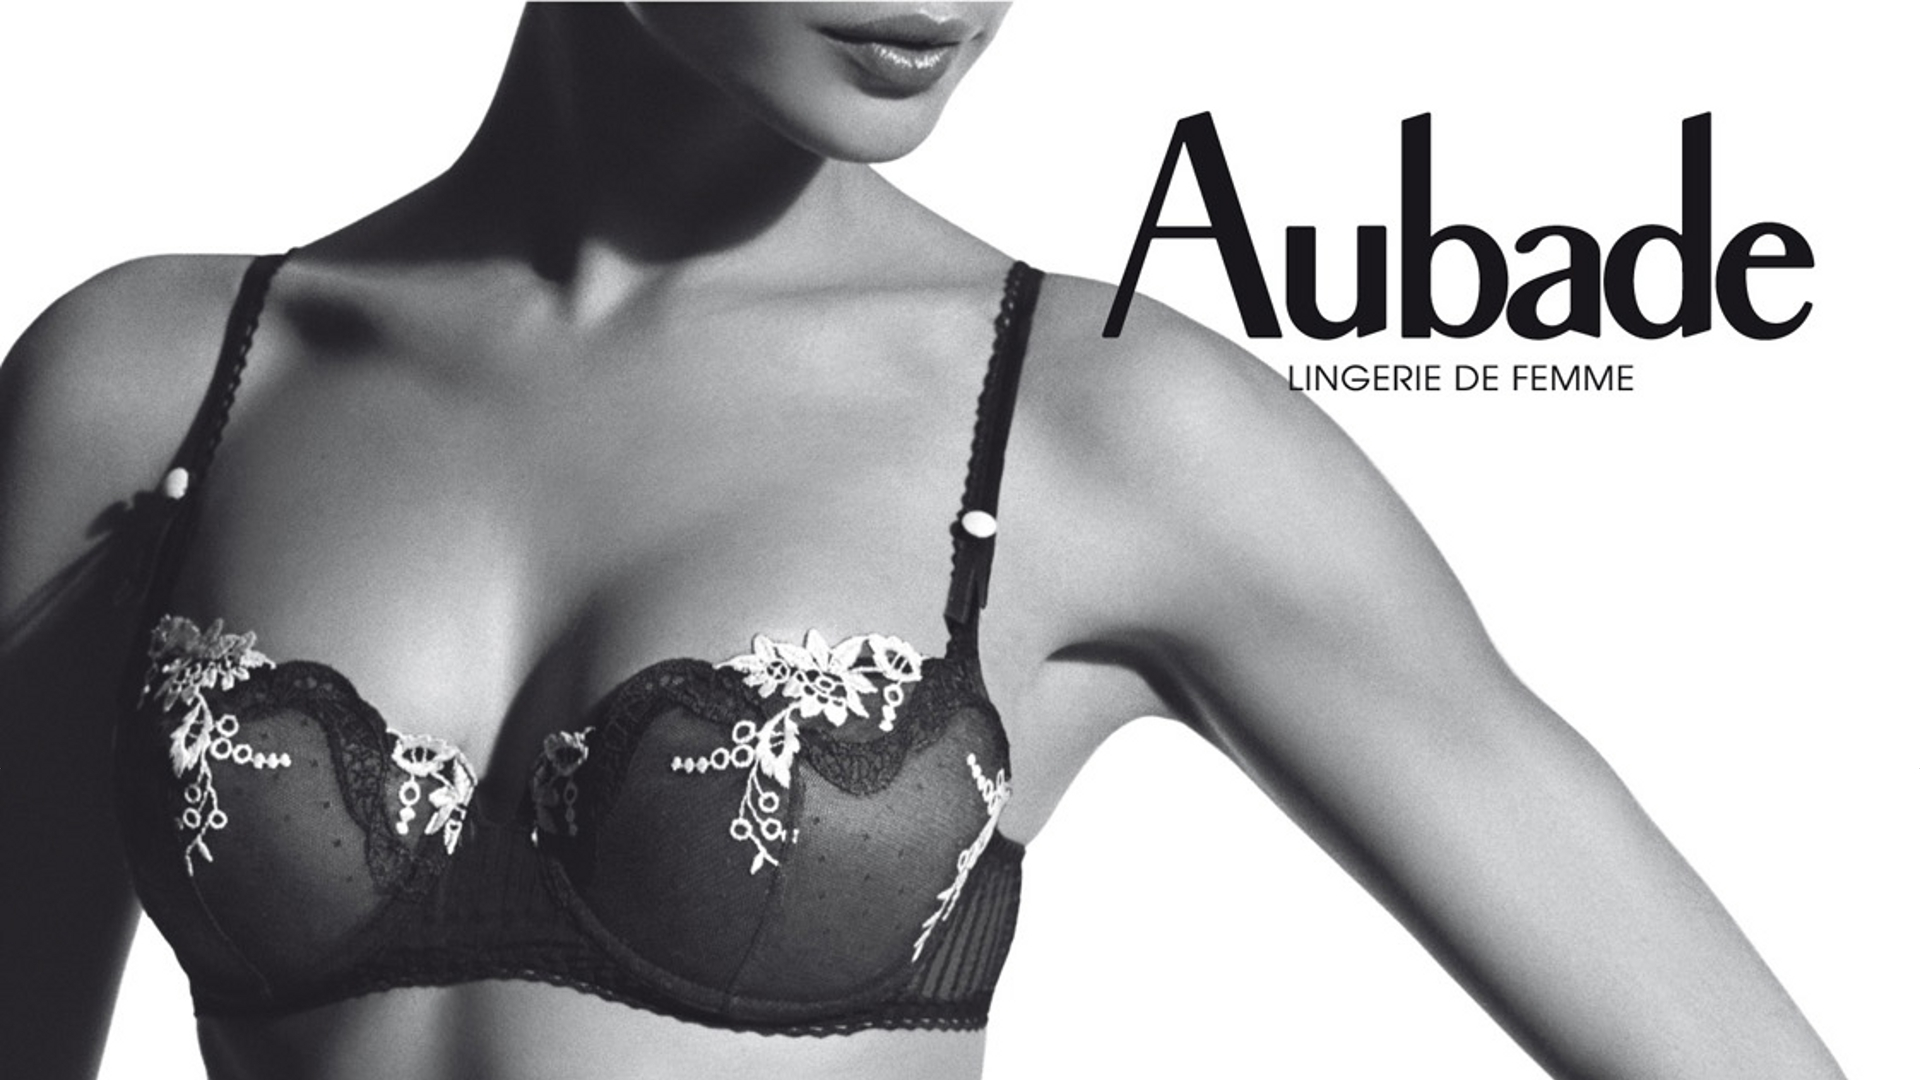 Aubade 2010 - full HD -